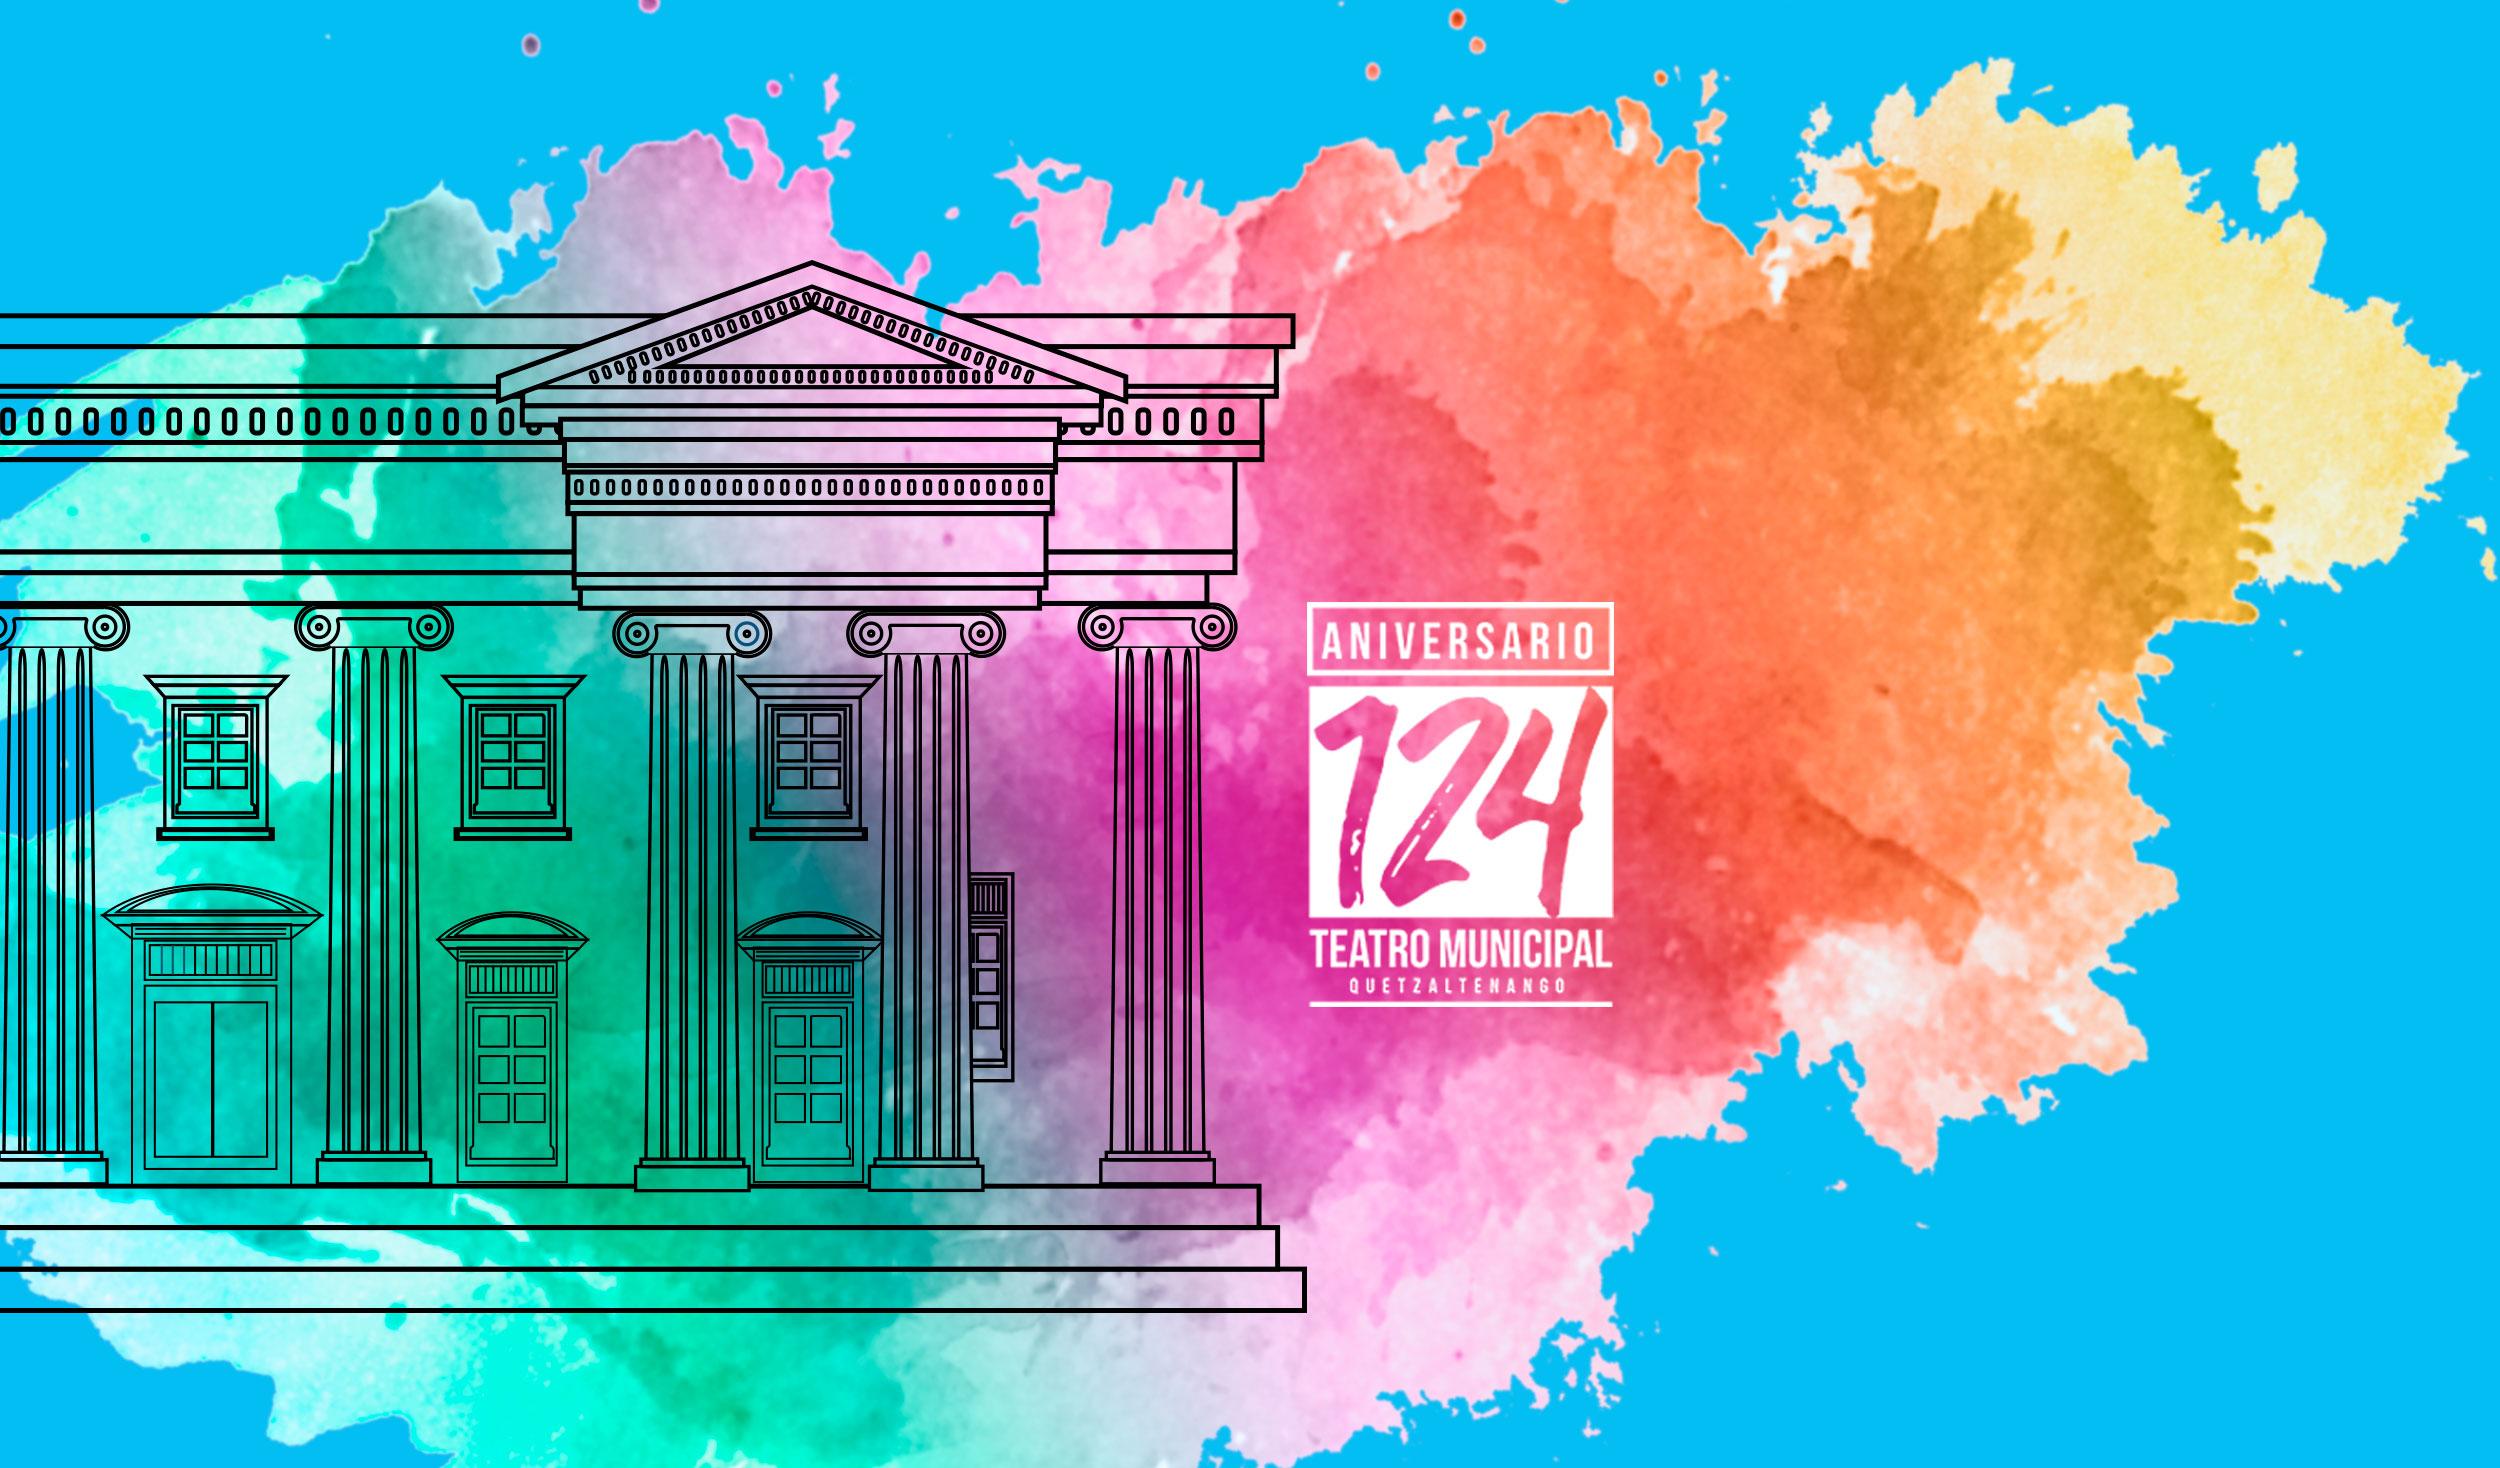 124 Aniversario de Teatro Municipal de Quetzaltenango